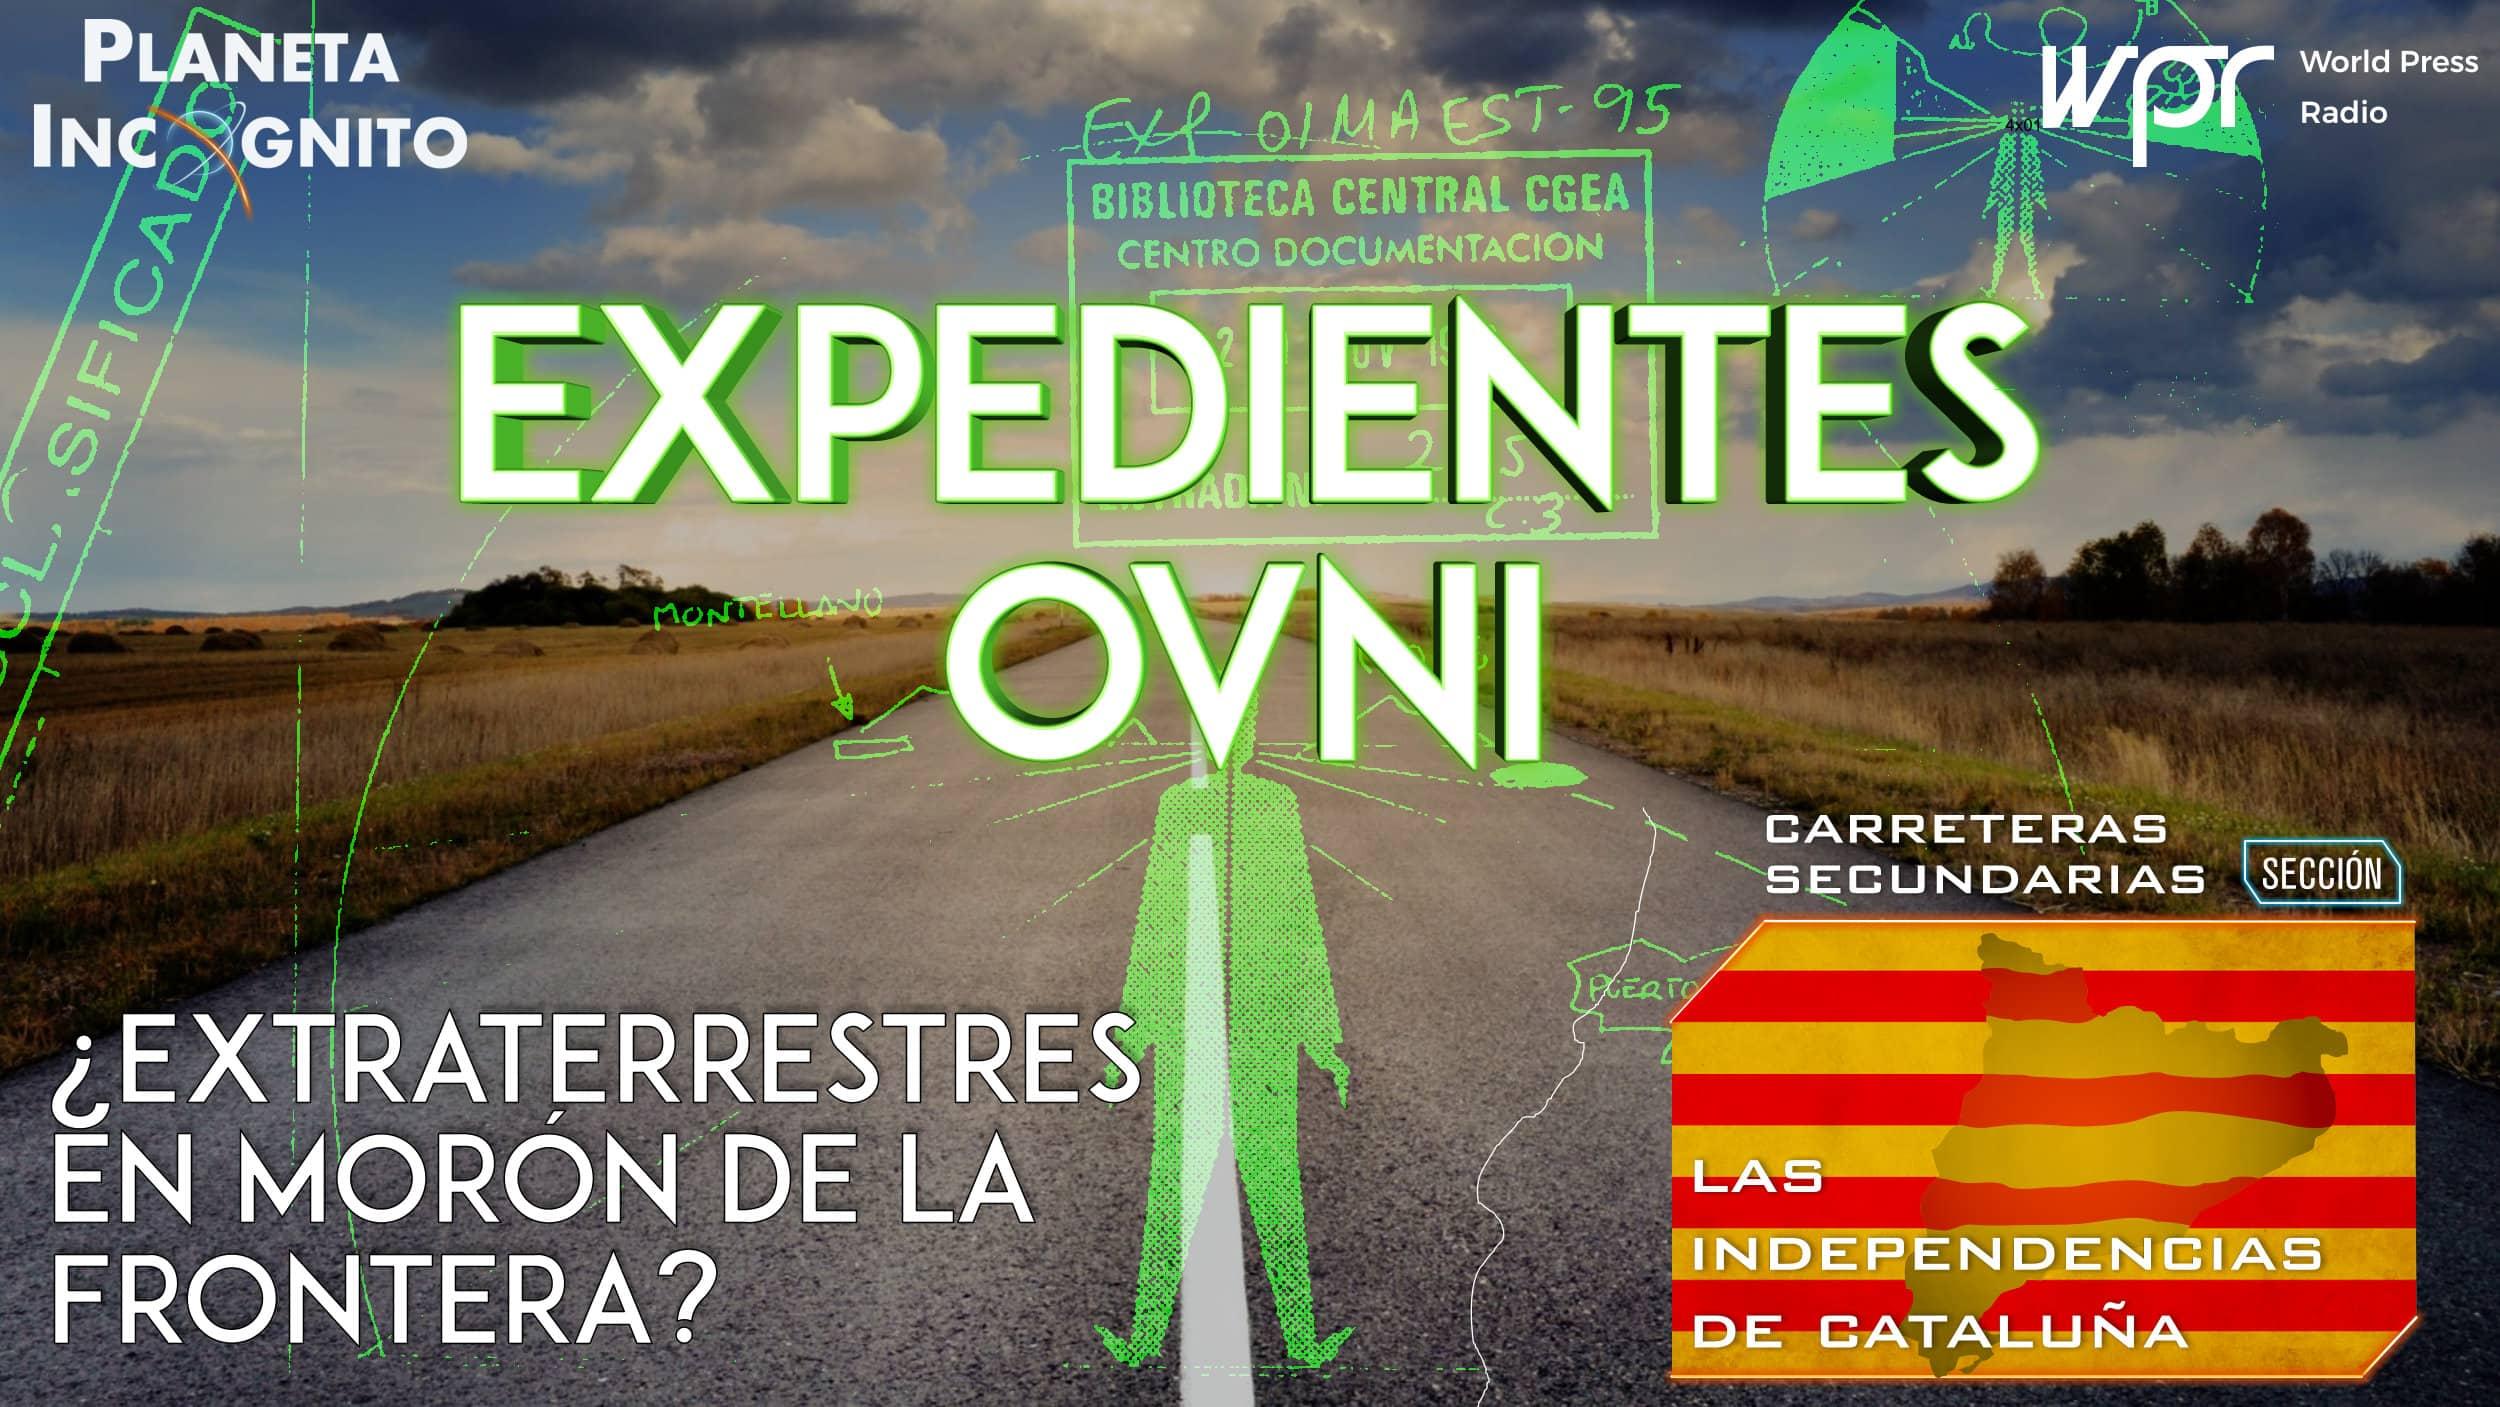 Programa 4x03 EXPEDIENTES OVNI: ¿Extraterrestres en Morón de la Frontera? Las Independencias de Cataluña 7